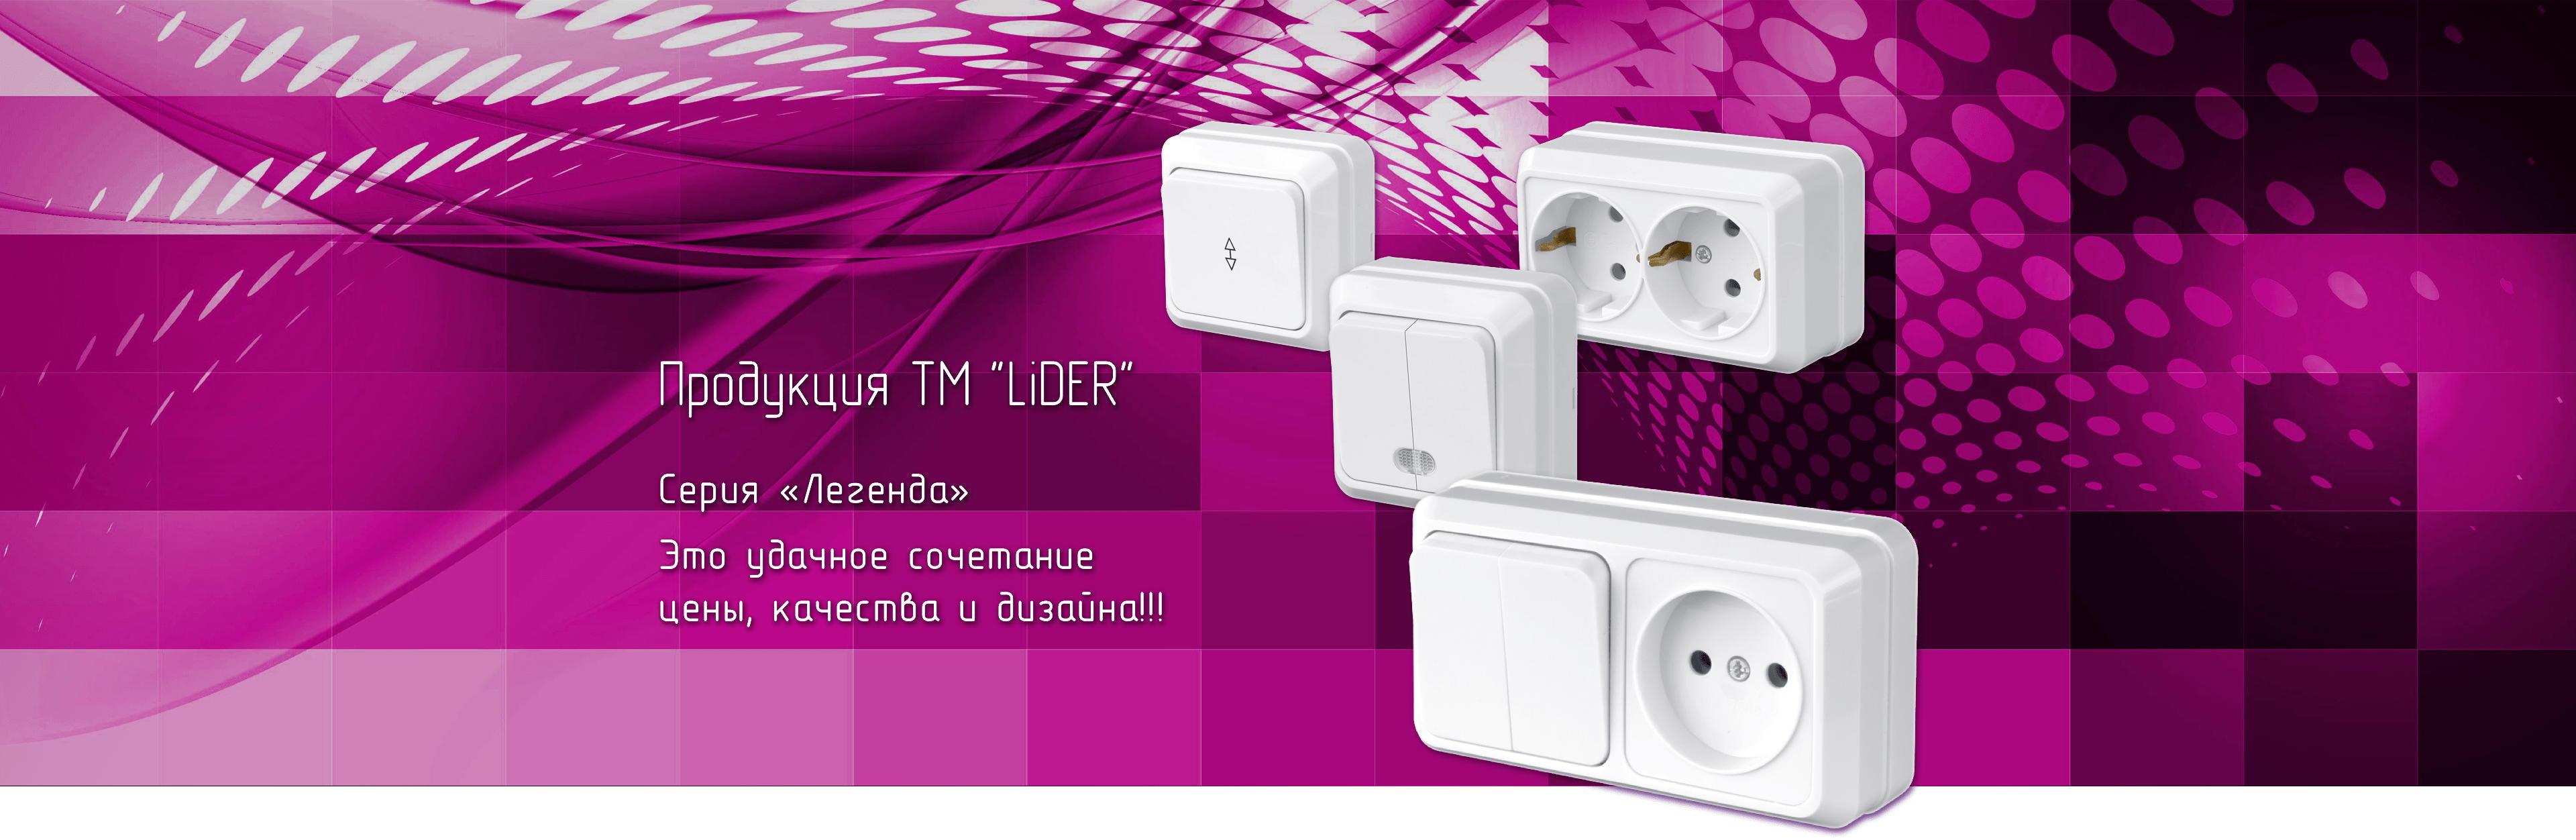 Продукция TM LiDER